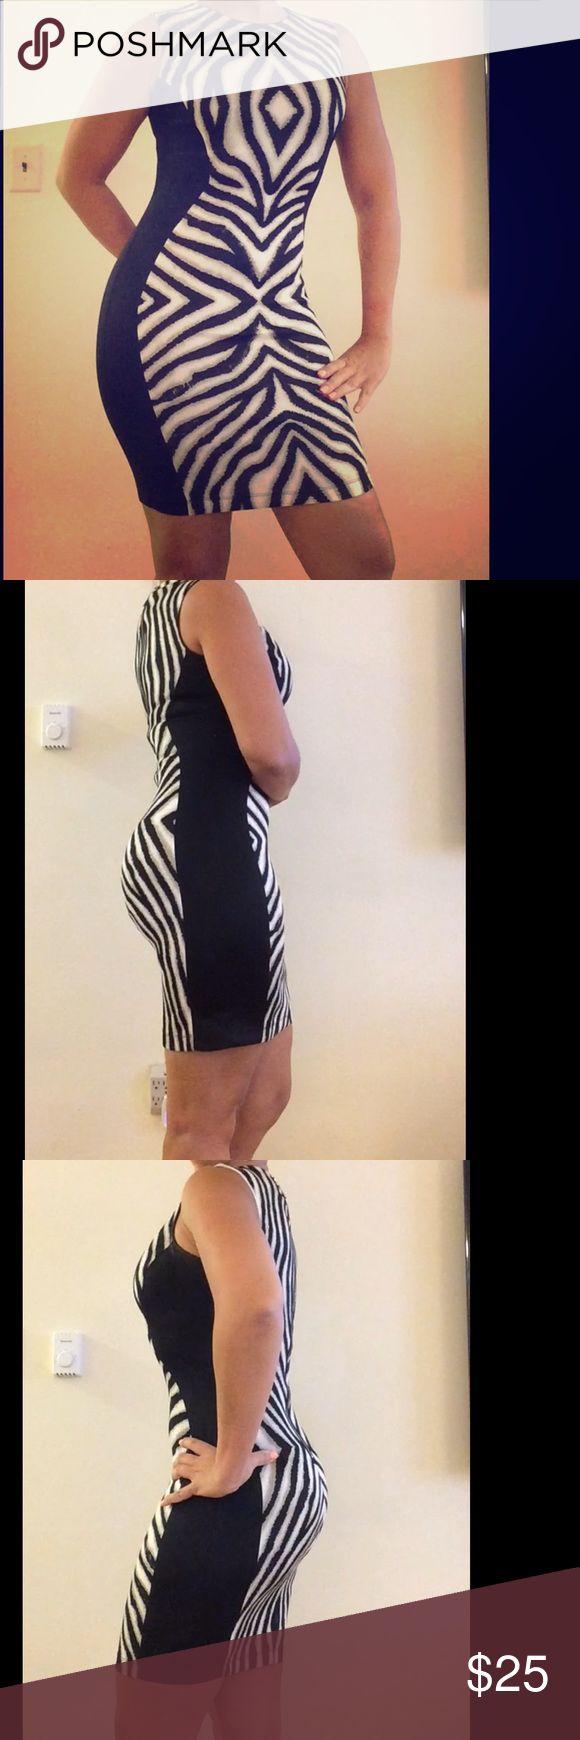 Bisou Bisou Zebra Print dress size (2) Accentuate your curves with this Bisou Bisou zebra print dress size S Bisou Bisou Dresses